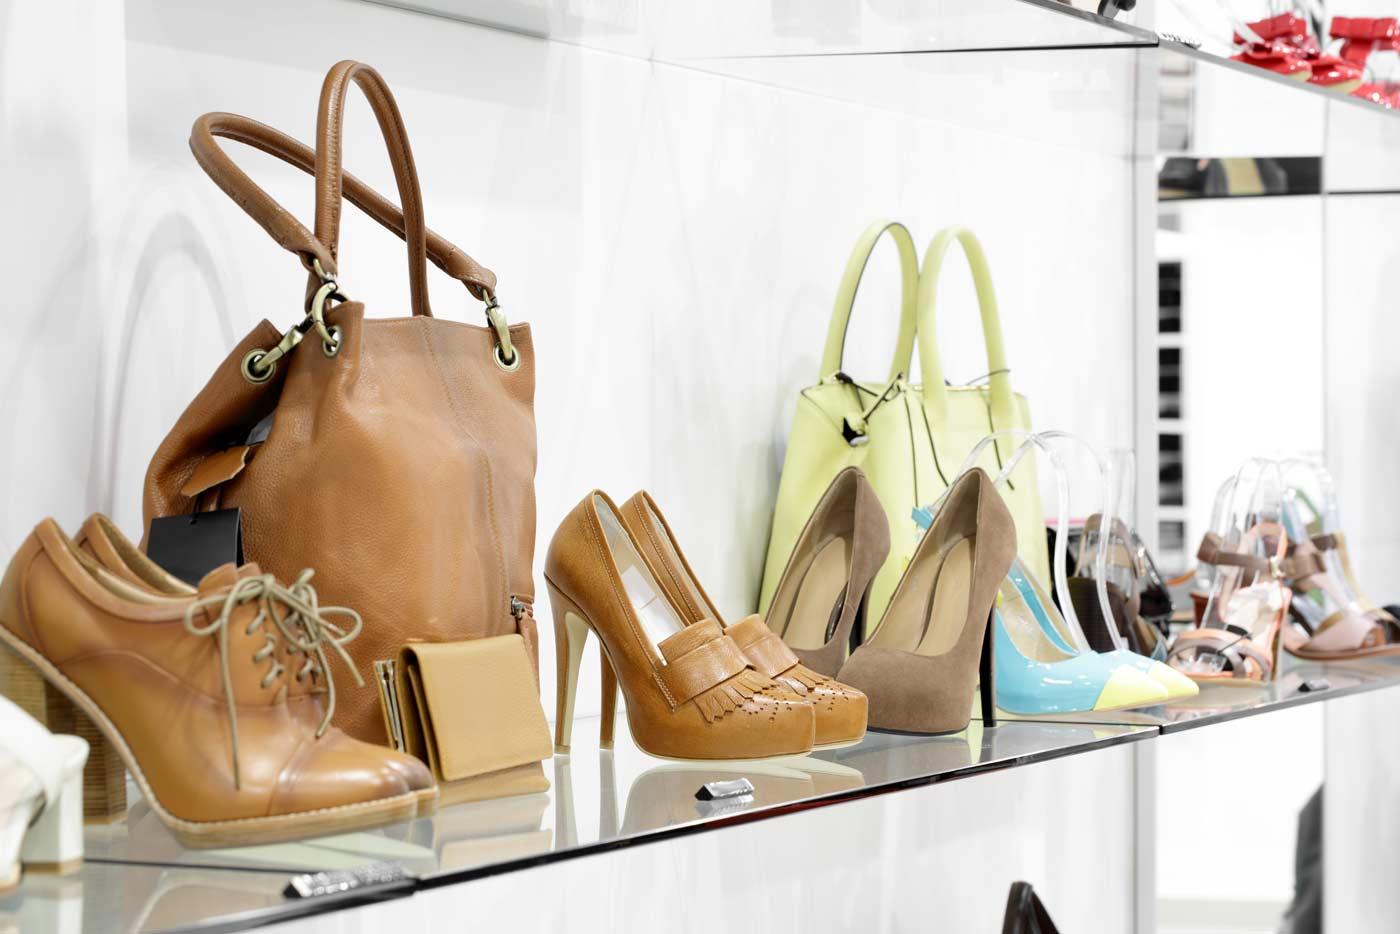 insgram-for-luxury-brands